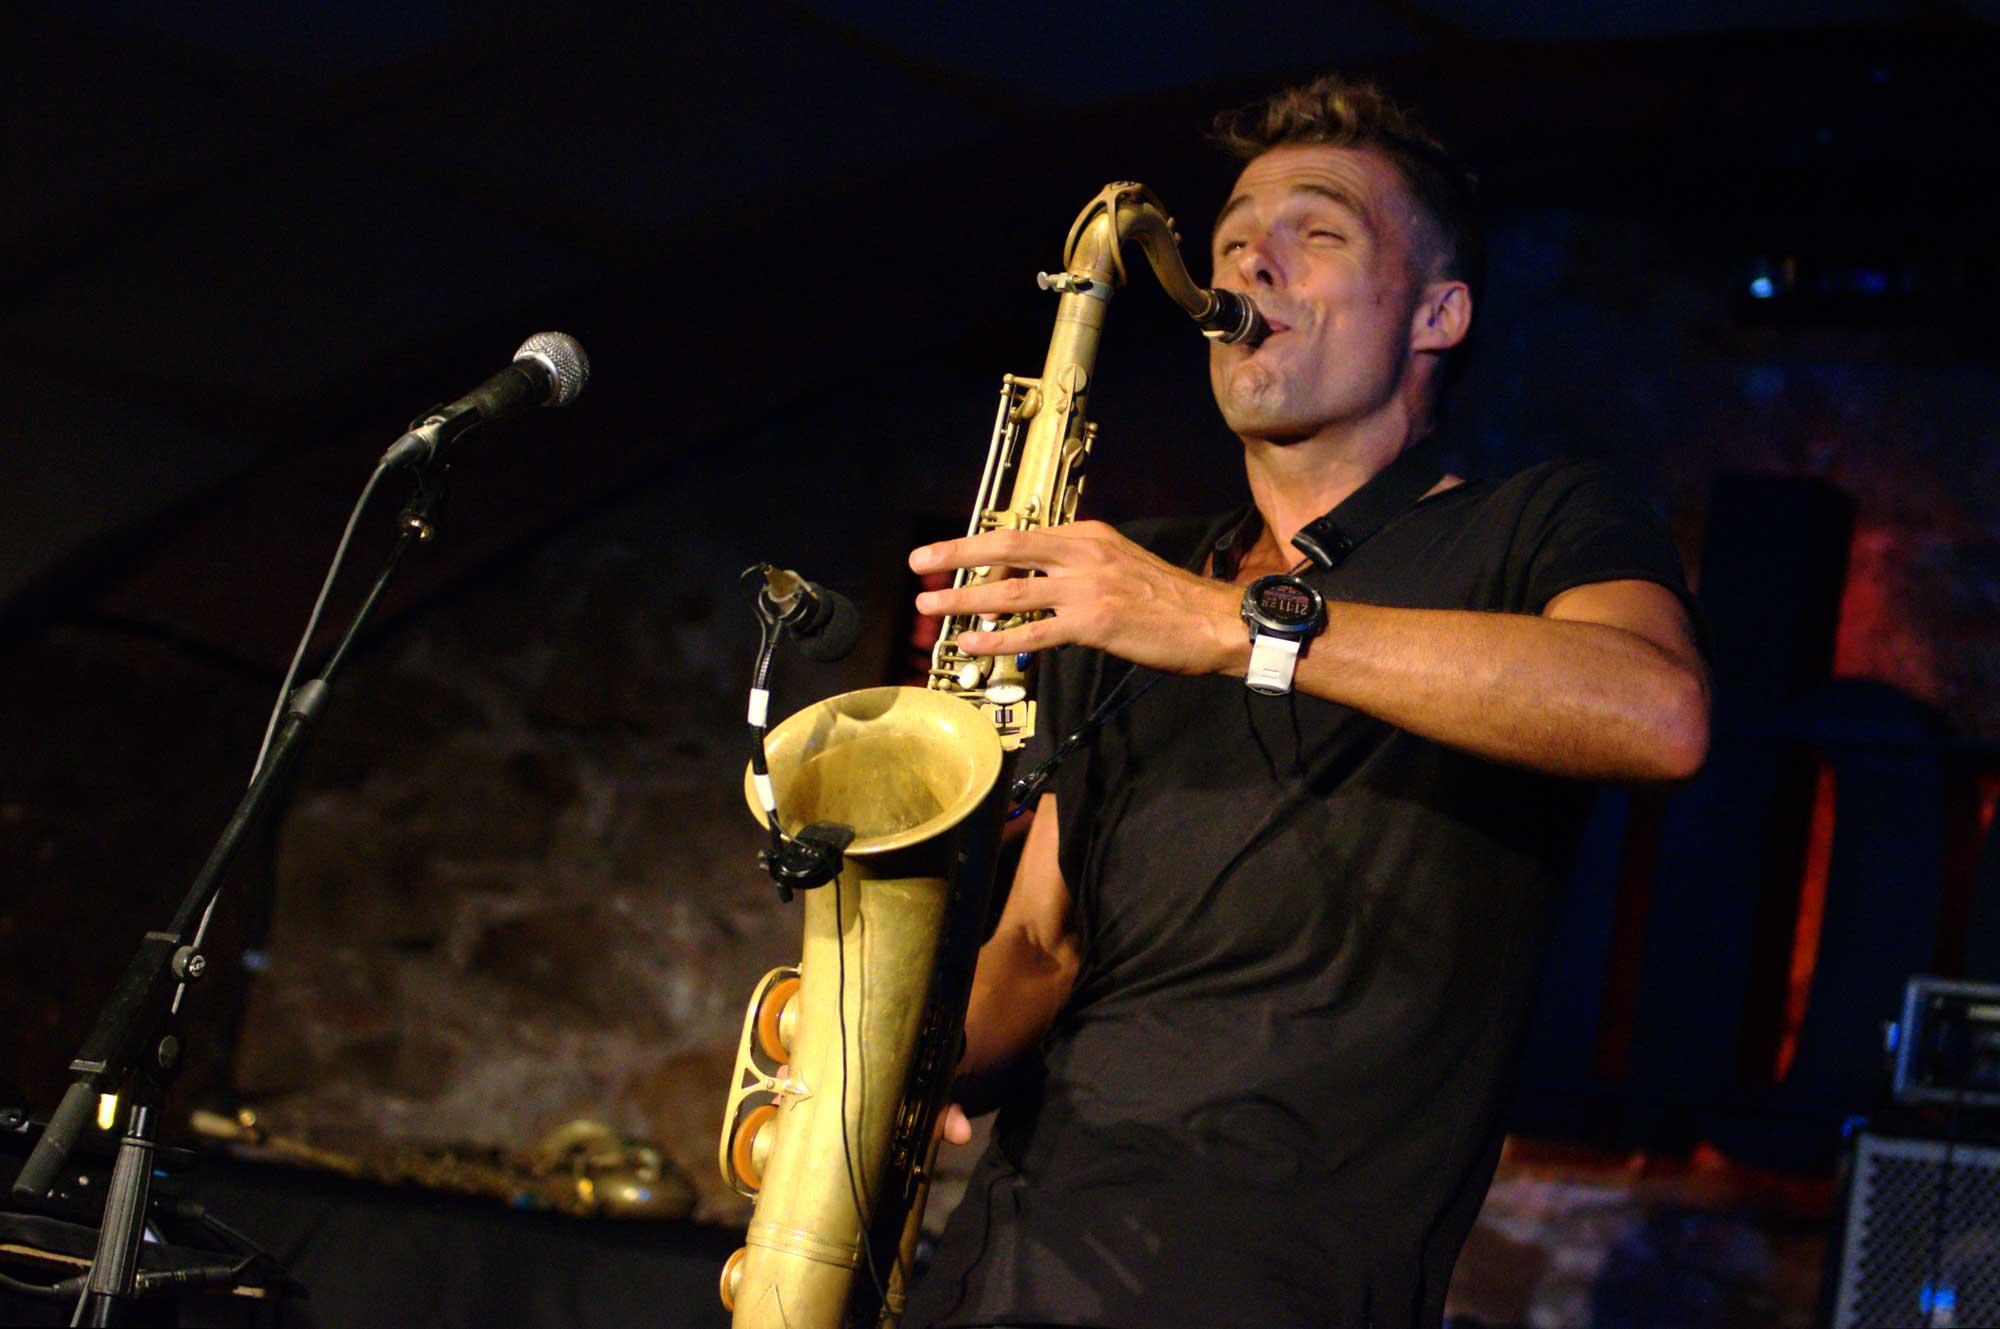 El saxofonista Llibert Fortuny actuant al Jamboree de Barcelona dins el marc del Festival Grec de Barcelona 2016.